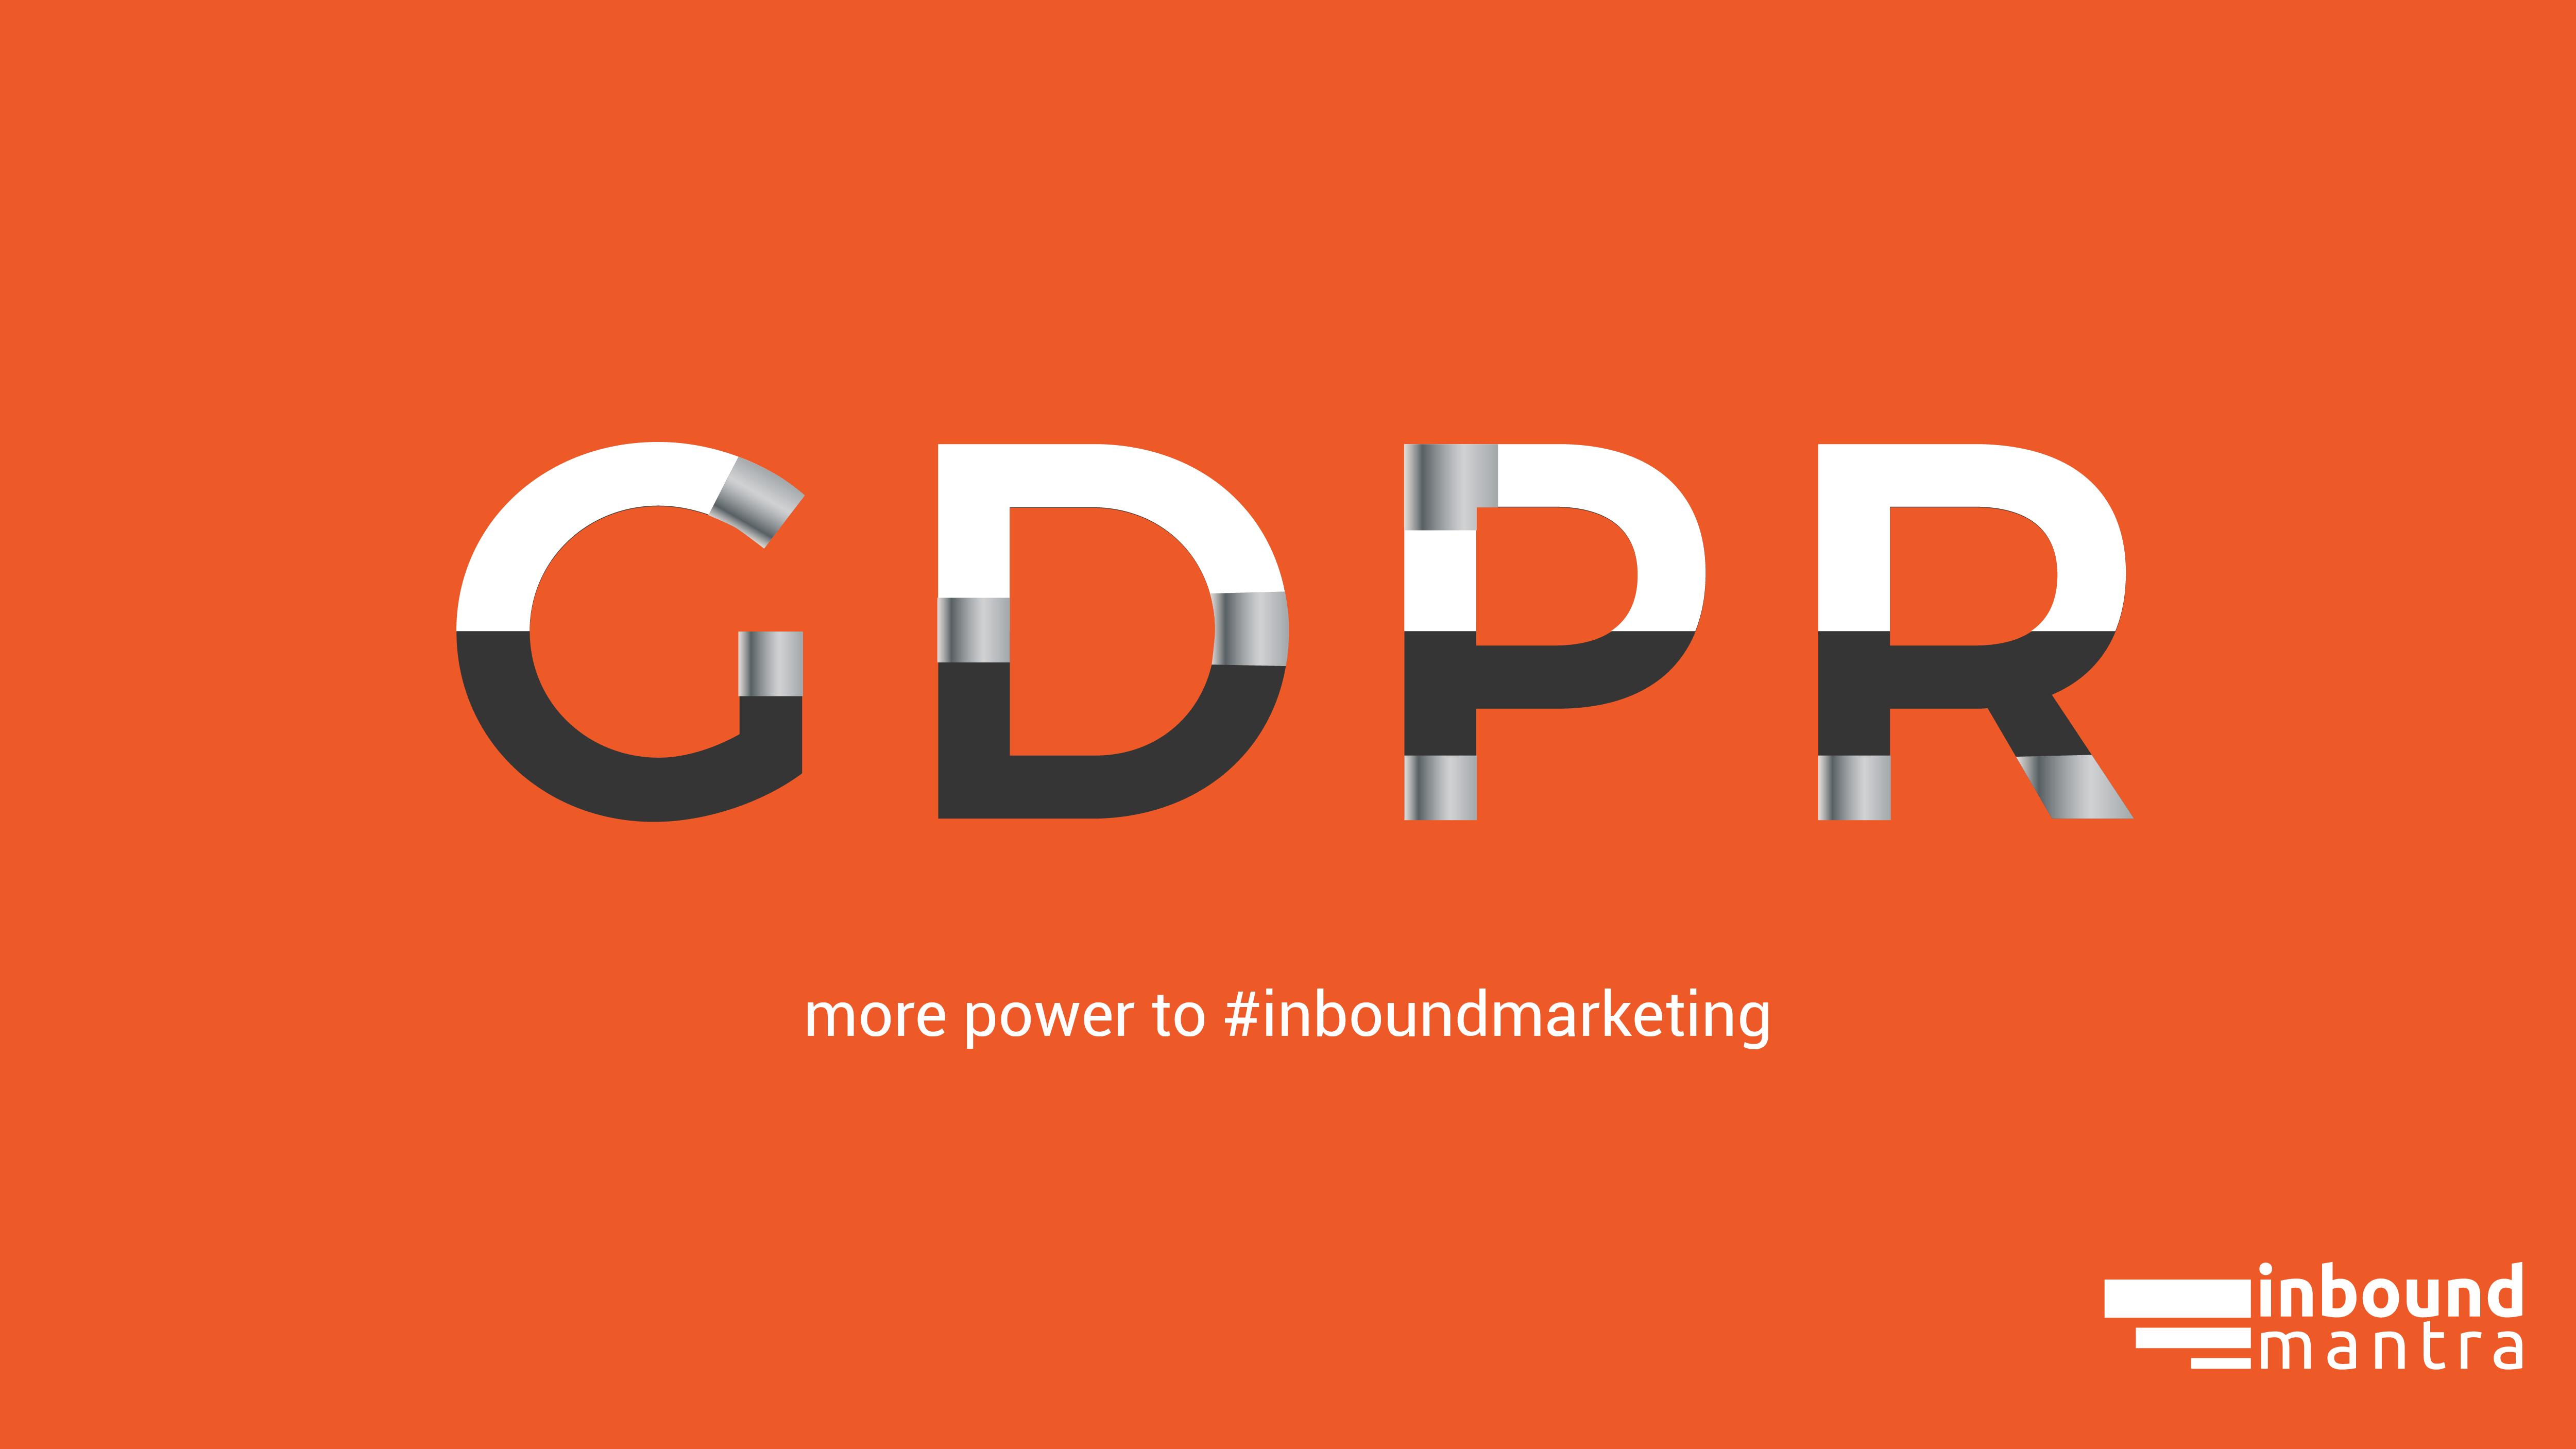 Will GDPR impact inbound marketing?